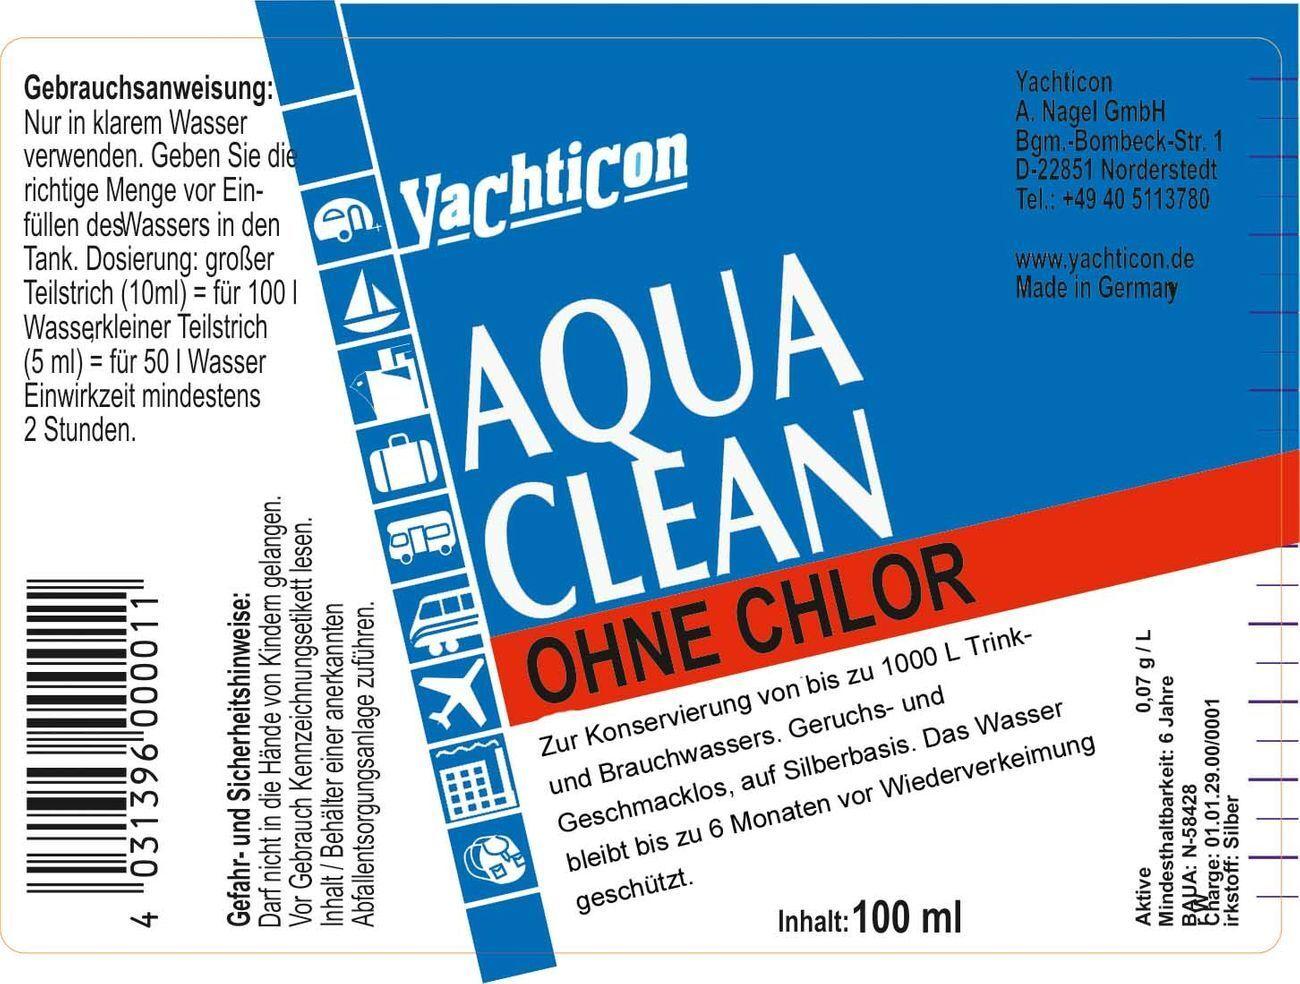 Yachticon Wassertank Wassertank Yachticon Reiniger Set 2 Aqua Clean AC 1000 Clean A Tank Sauerstoff 9adfcd